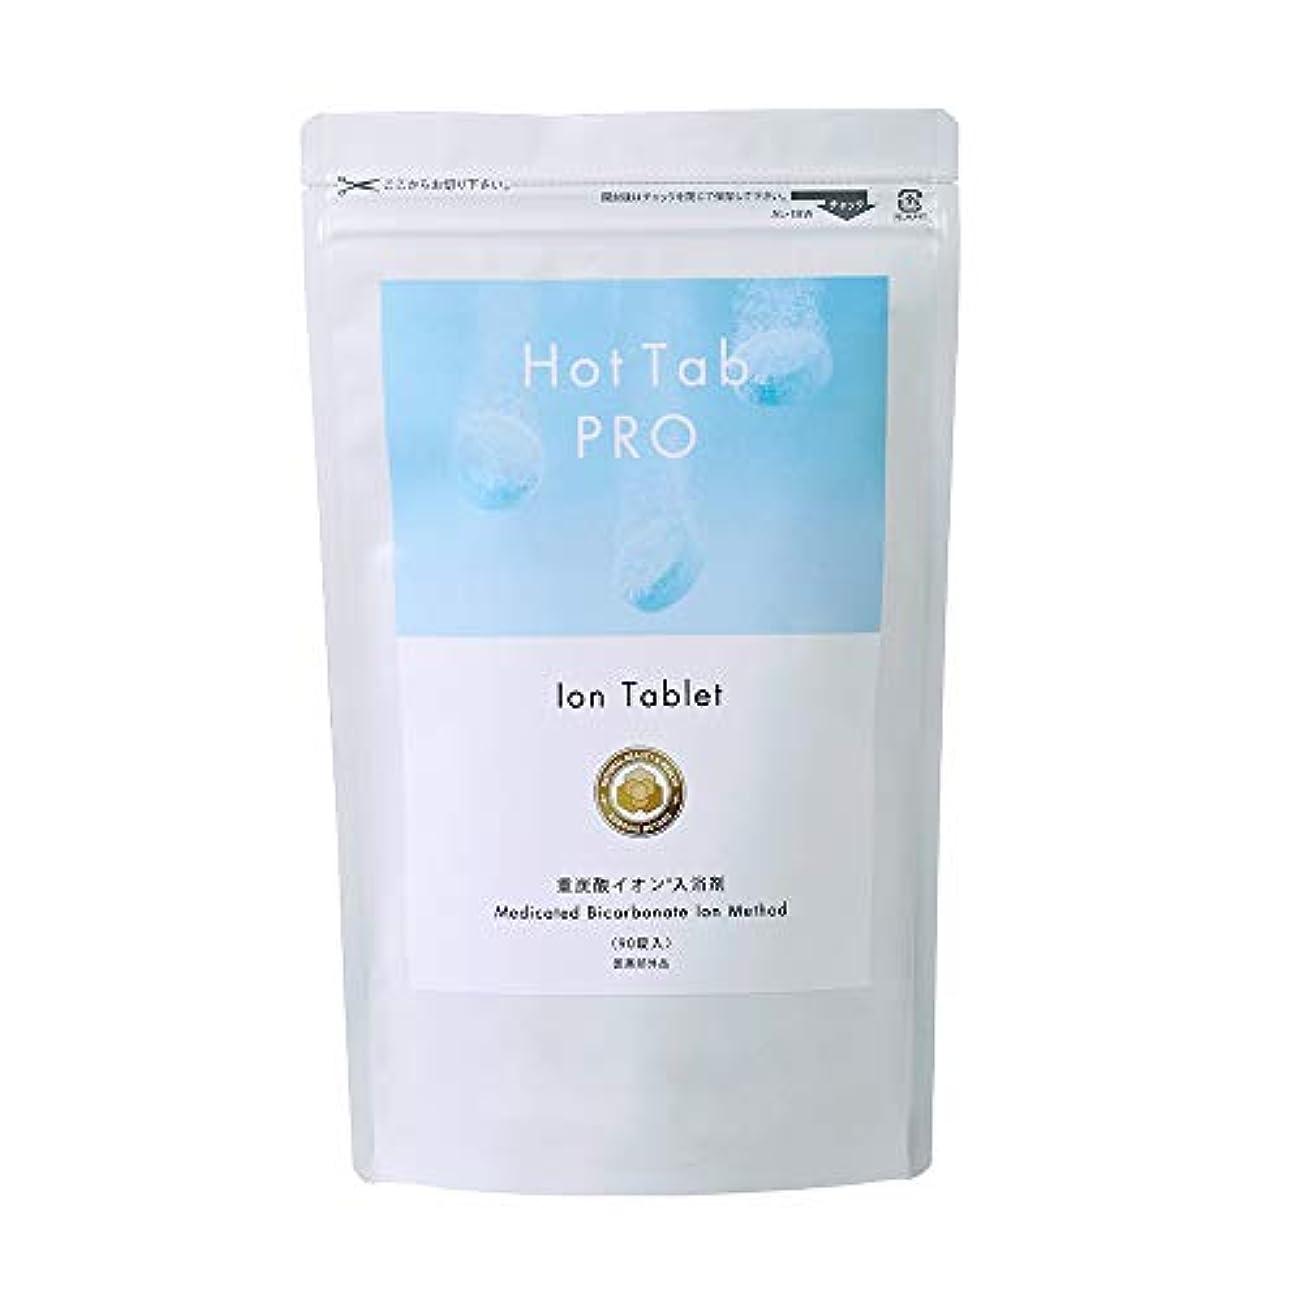 助言きちんとした防止最新型 日本製なめらか重炭酸入浴剤「ホットタブPro」(デリケートな肌でも安心 無香料 無着色 中性pH) (お得な90錠セット)